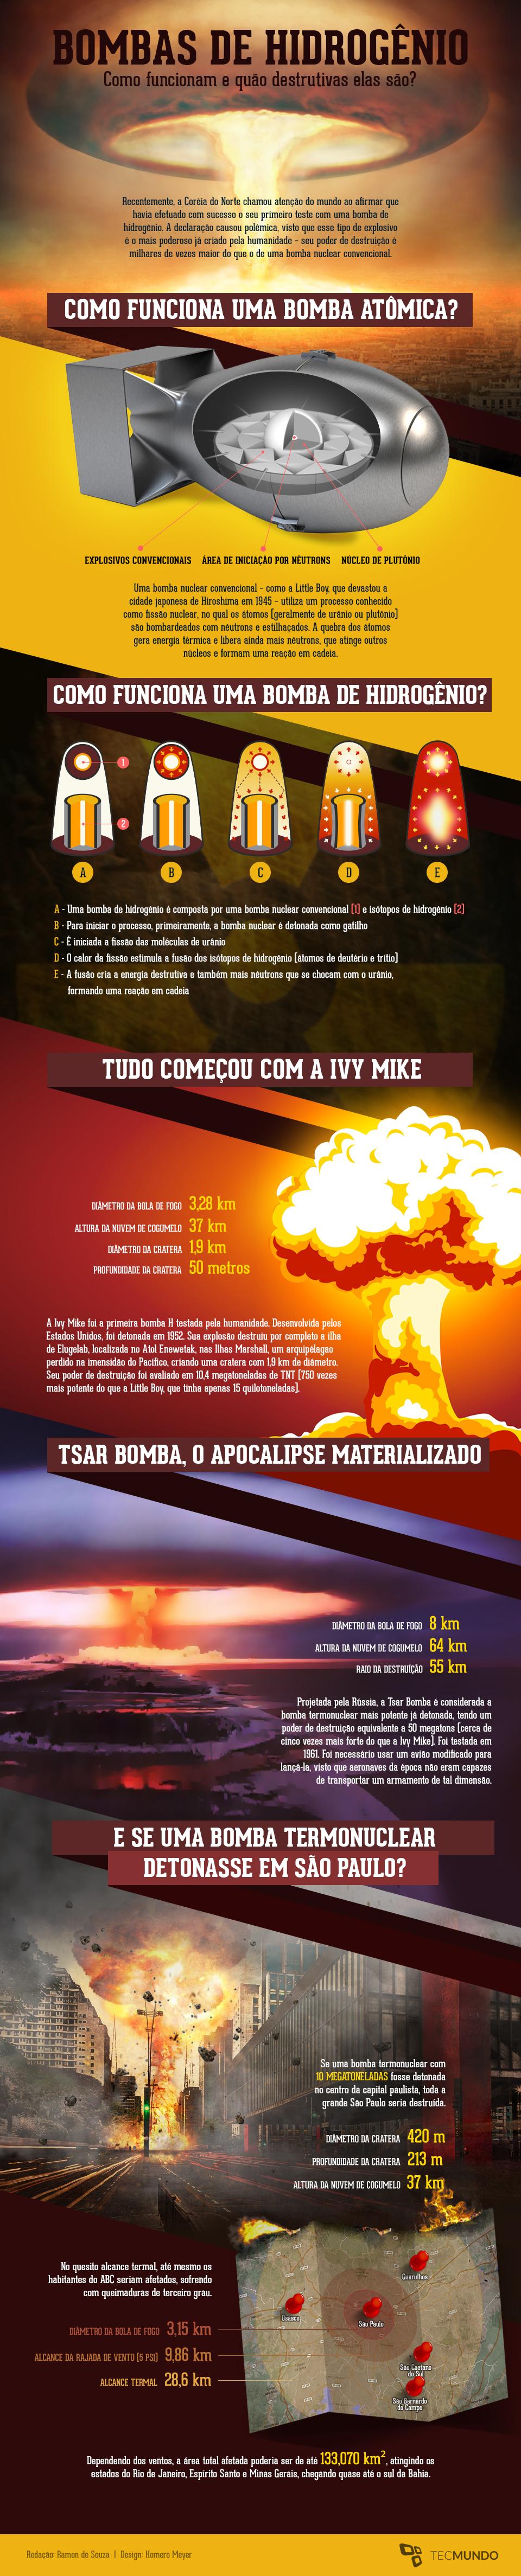 Saiba tudo sobre o poder de uma bomba de hidrogênio [infográfico]